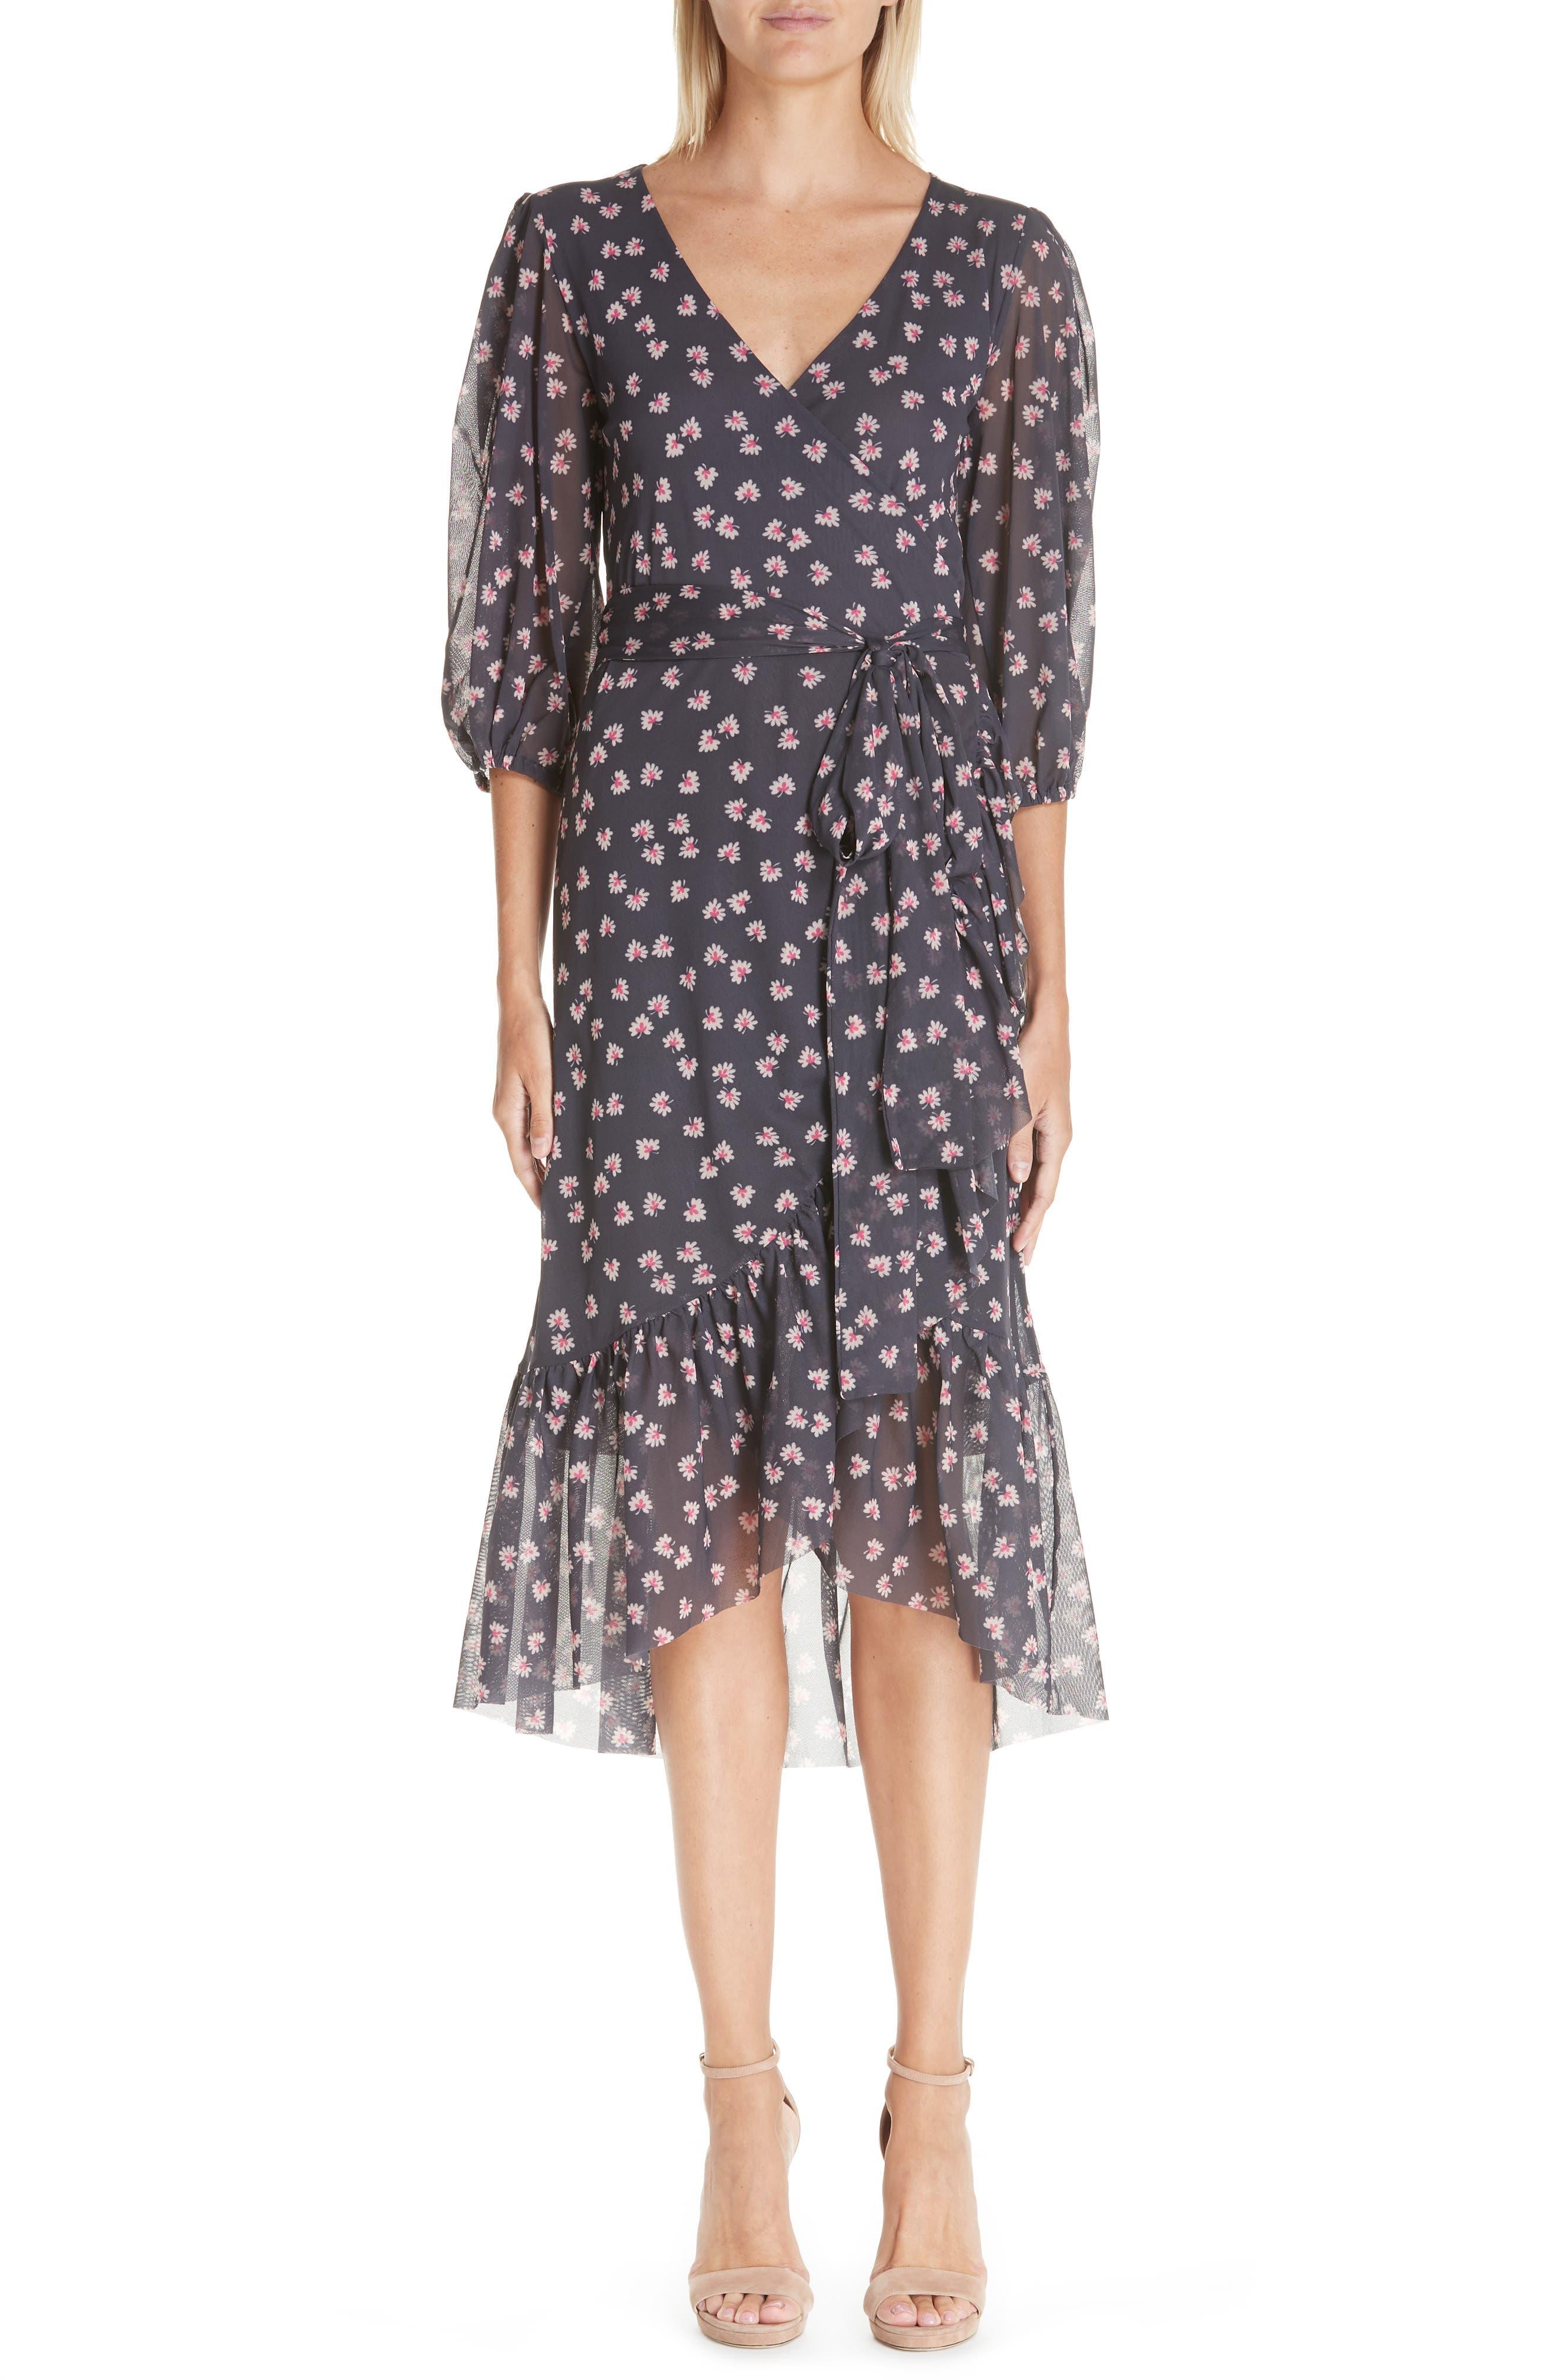 GANNI,                             Floral Print Wrap Dress,                             Main thumbnail 1, color,                             400